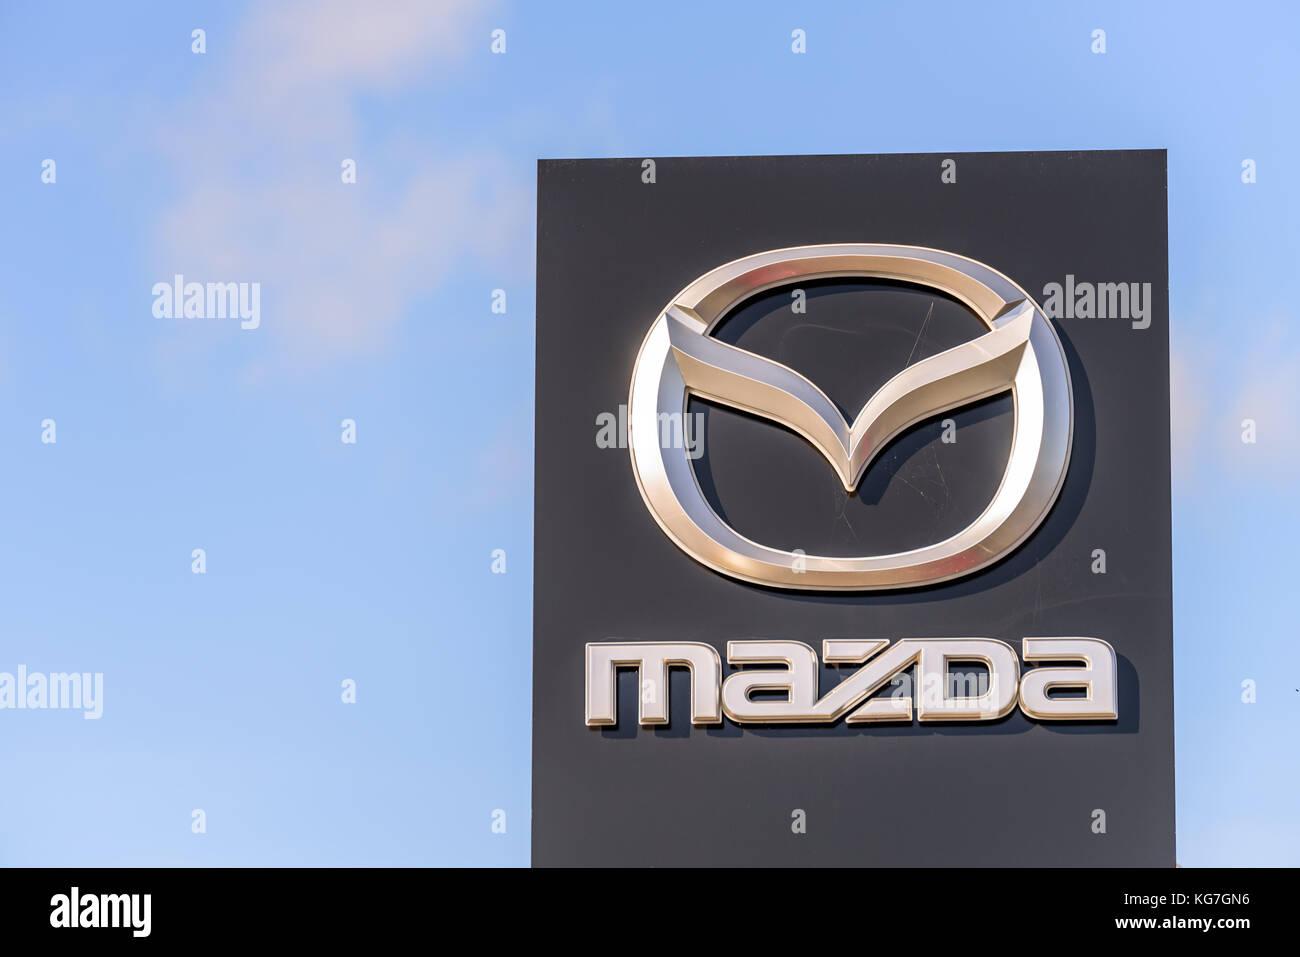 Northampton Uk Oct 25 2017 Day View Of Mazda Logo At Riverside